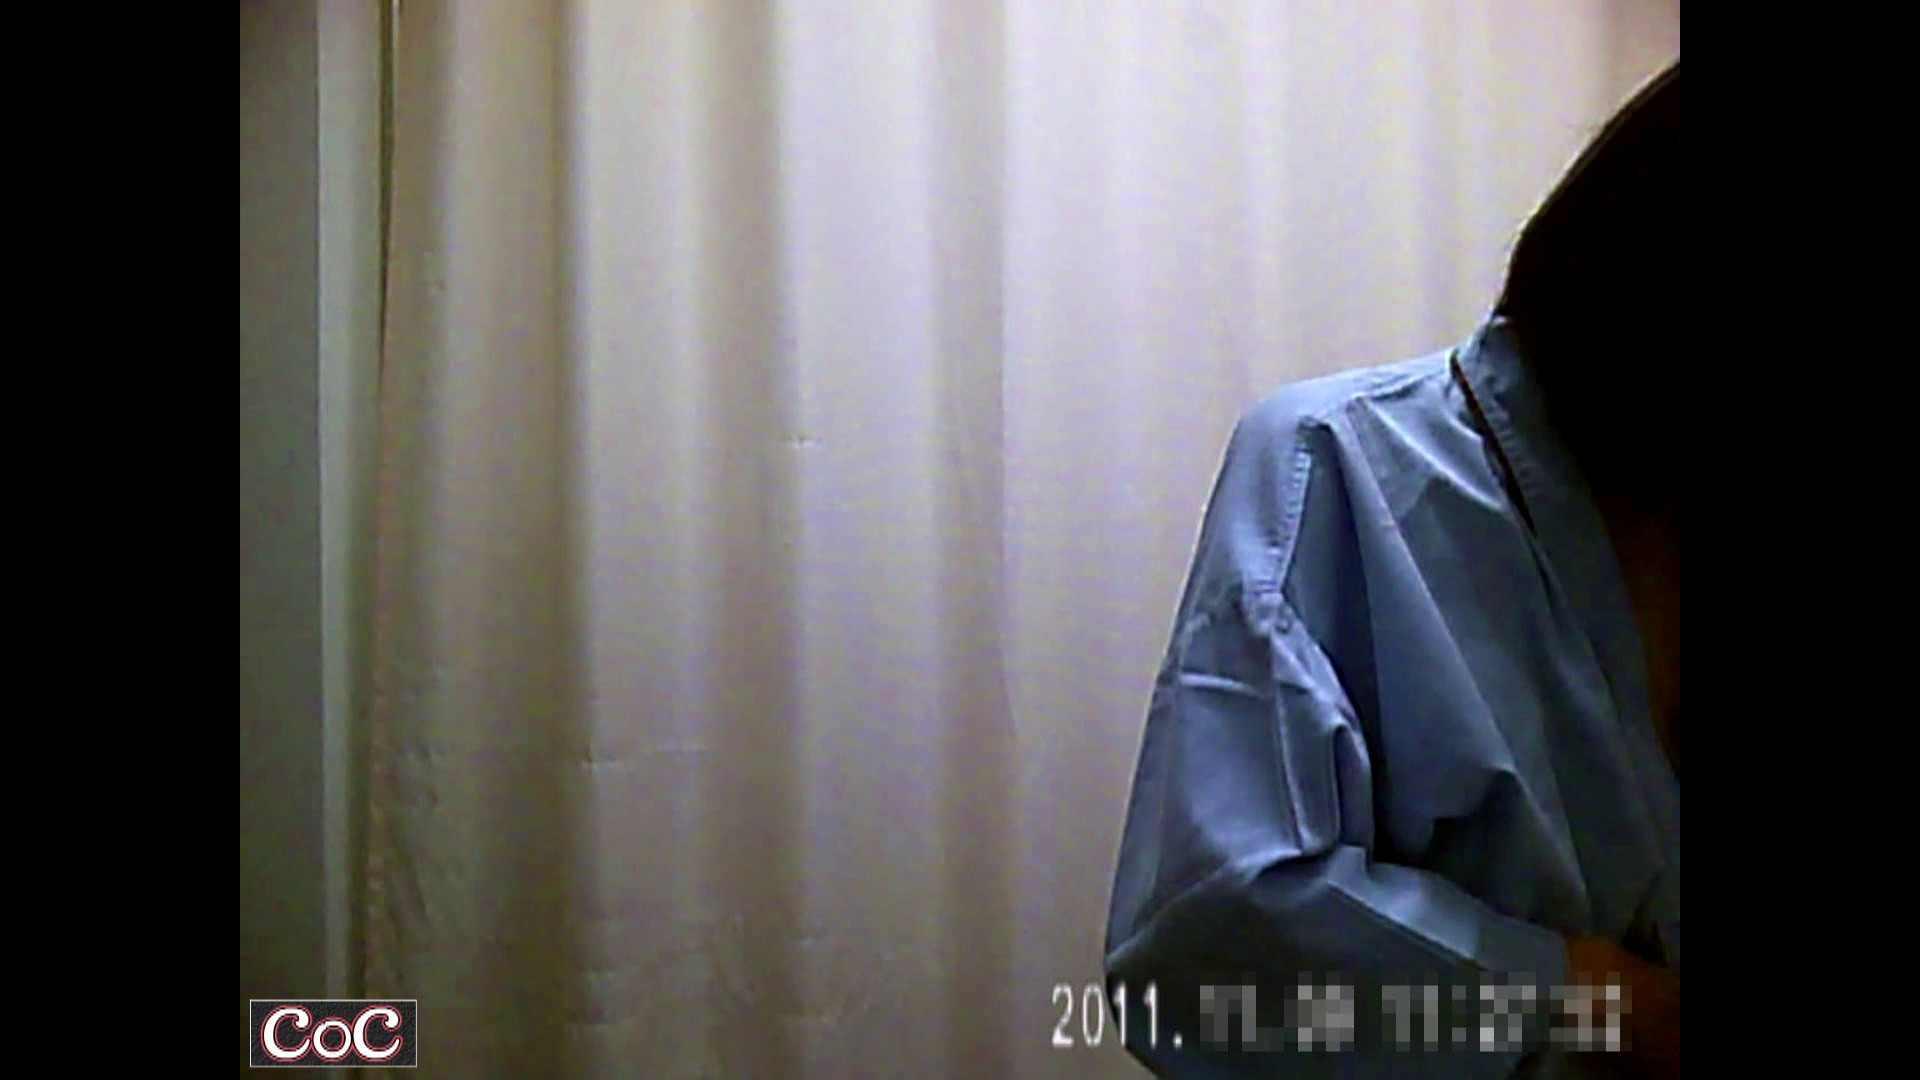 トイレ盗撮|元医者による反抗 更衣室地獄絵巻 vol.210|怪盗ジョーカー